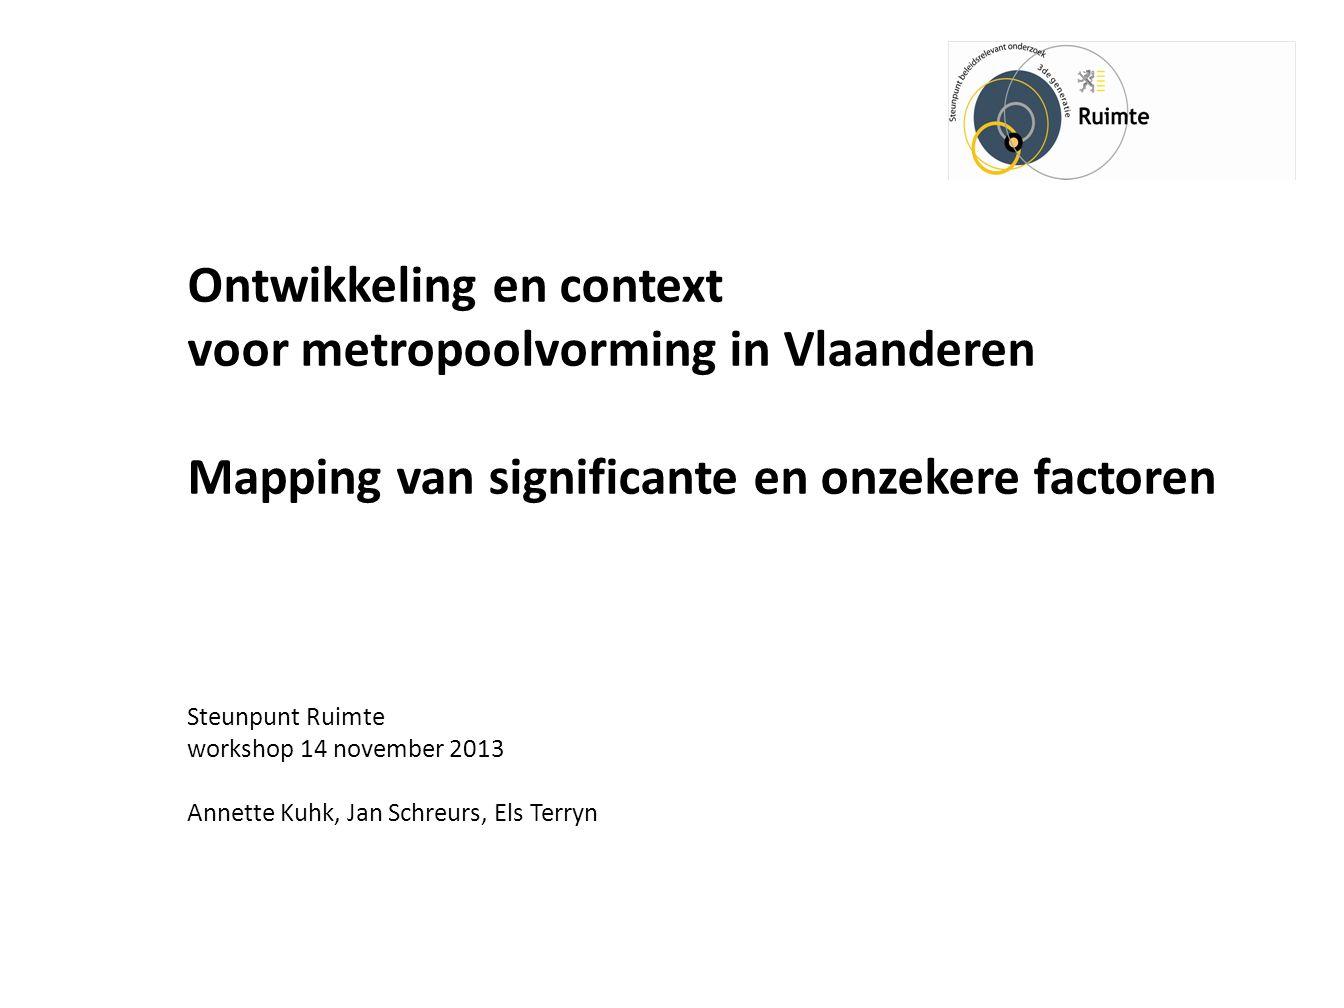 Ontwikkeling en context voor metropoolvorming in Vlaanderen Mapping van significante en onzekere factoren Steunpunt Ruimte workshop 14 november 2013 Annette Kuhk, Jan Schreurs, Els Terryn